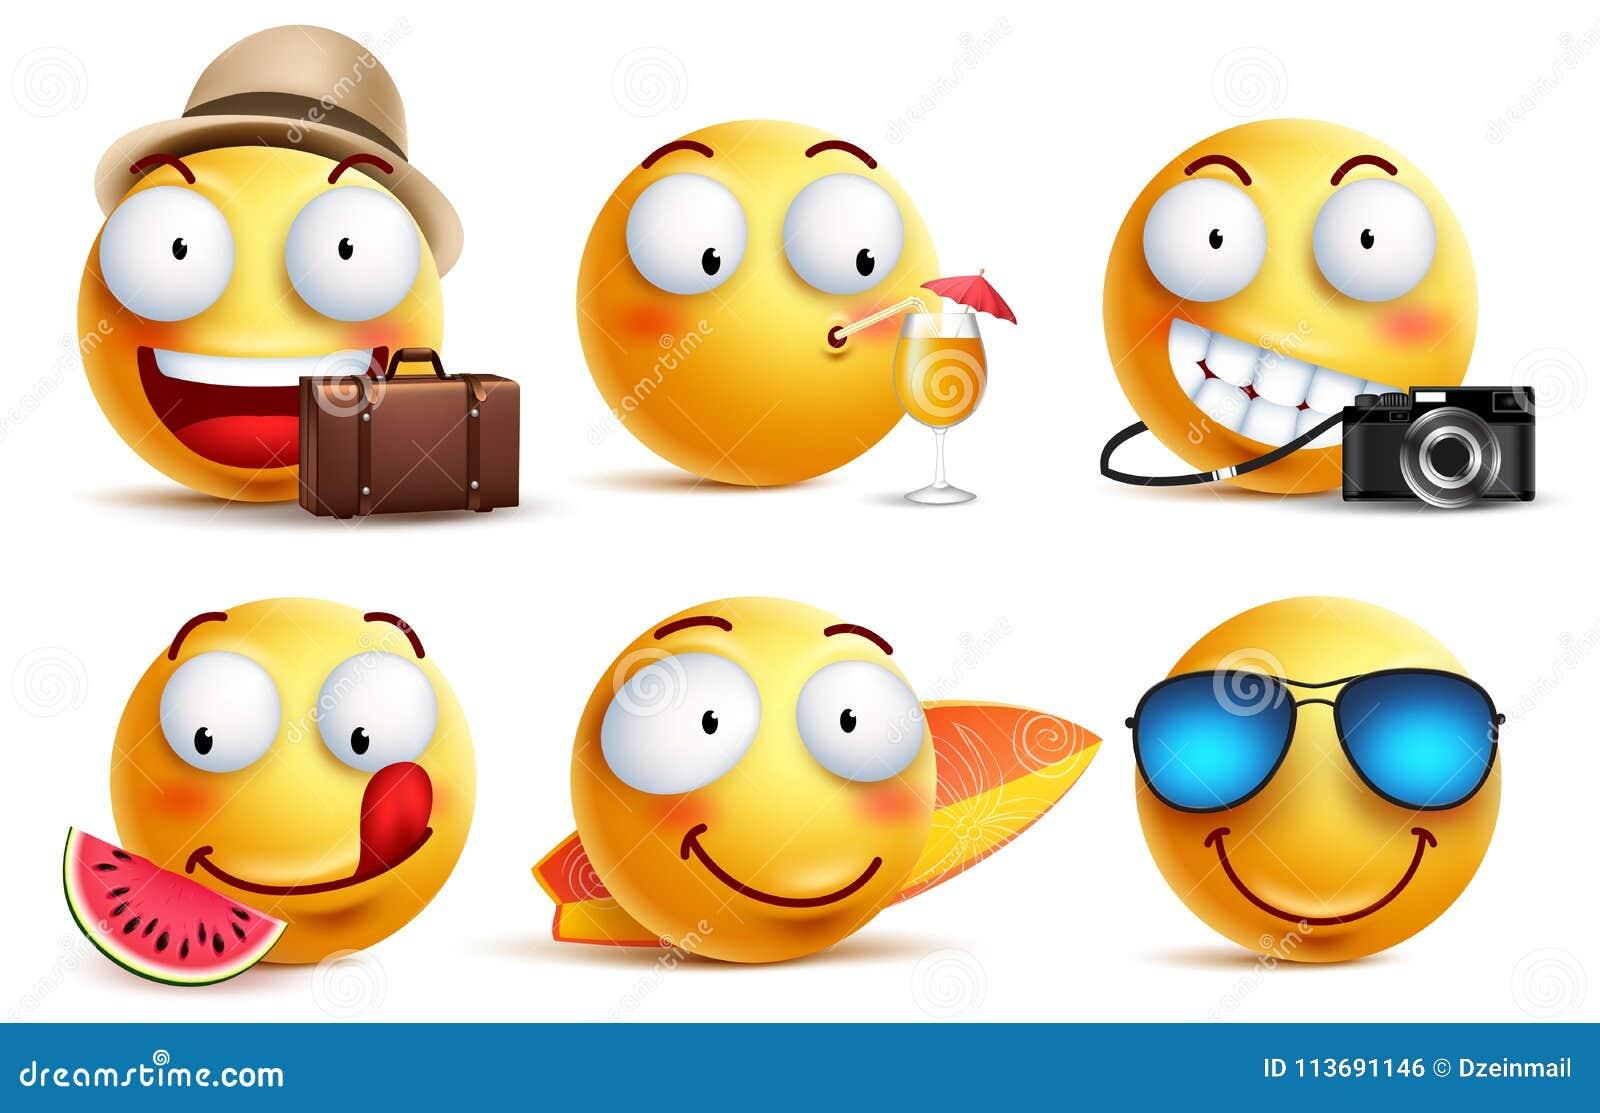 De zomer smileys vector met gelaatsuitdrukkingen wordt geplaatst die Geel smileygezicht emoticons